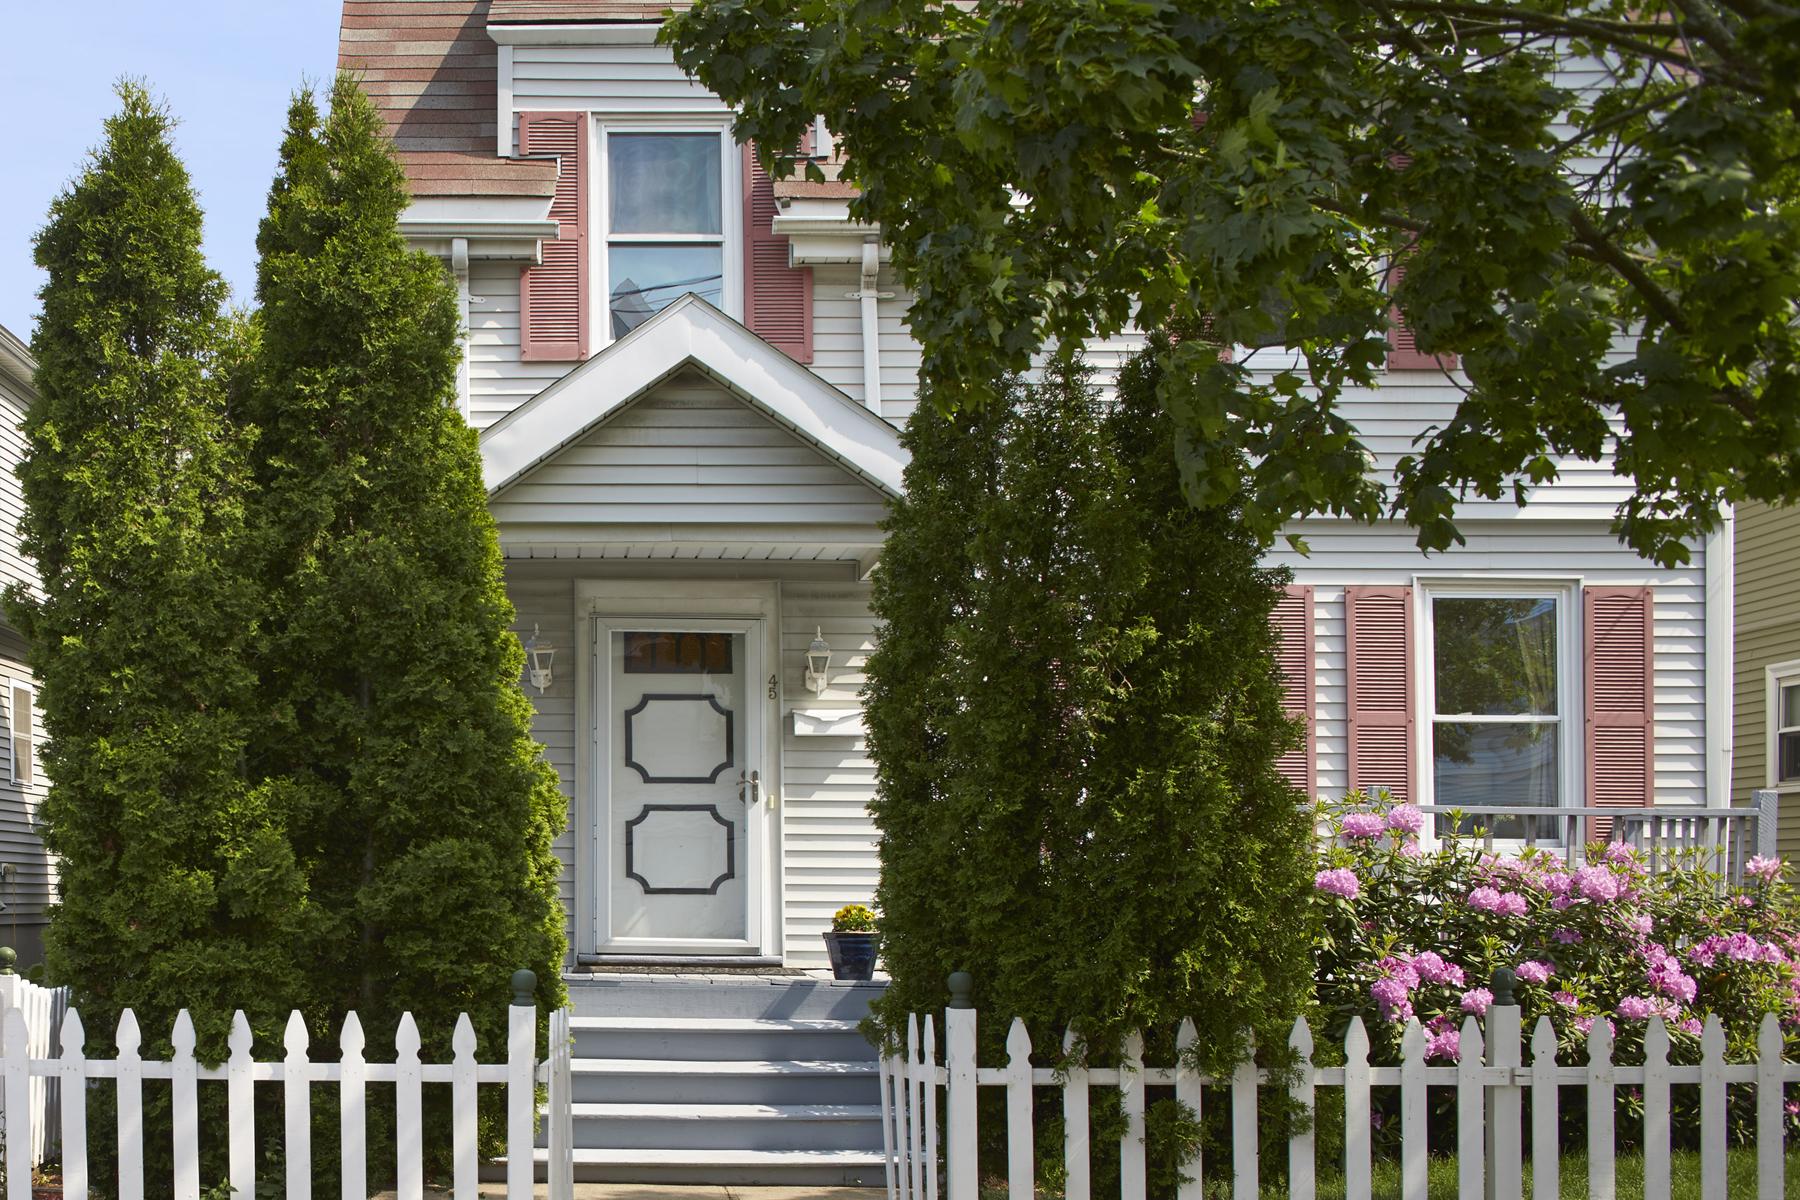 一戸建て のために 売買 アット 45 Hopedale Street - Allston, MA Allston, Boston, マサチューセッツ, 02134 アメリカ合衆国